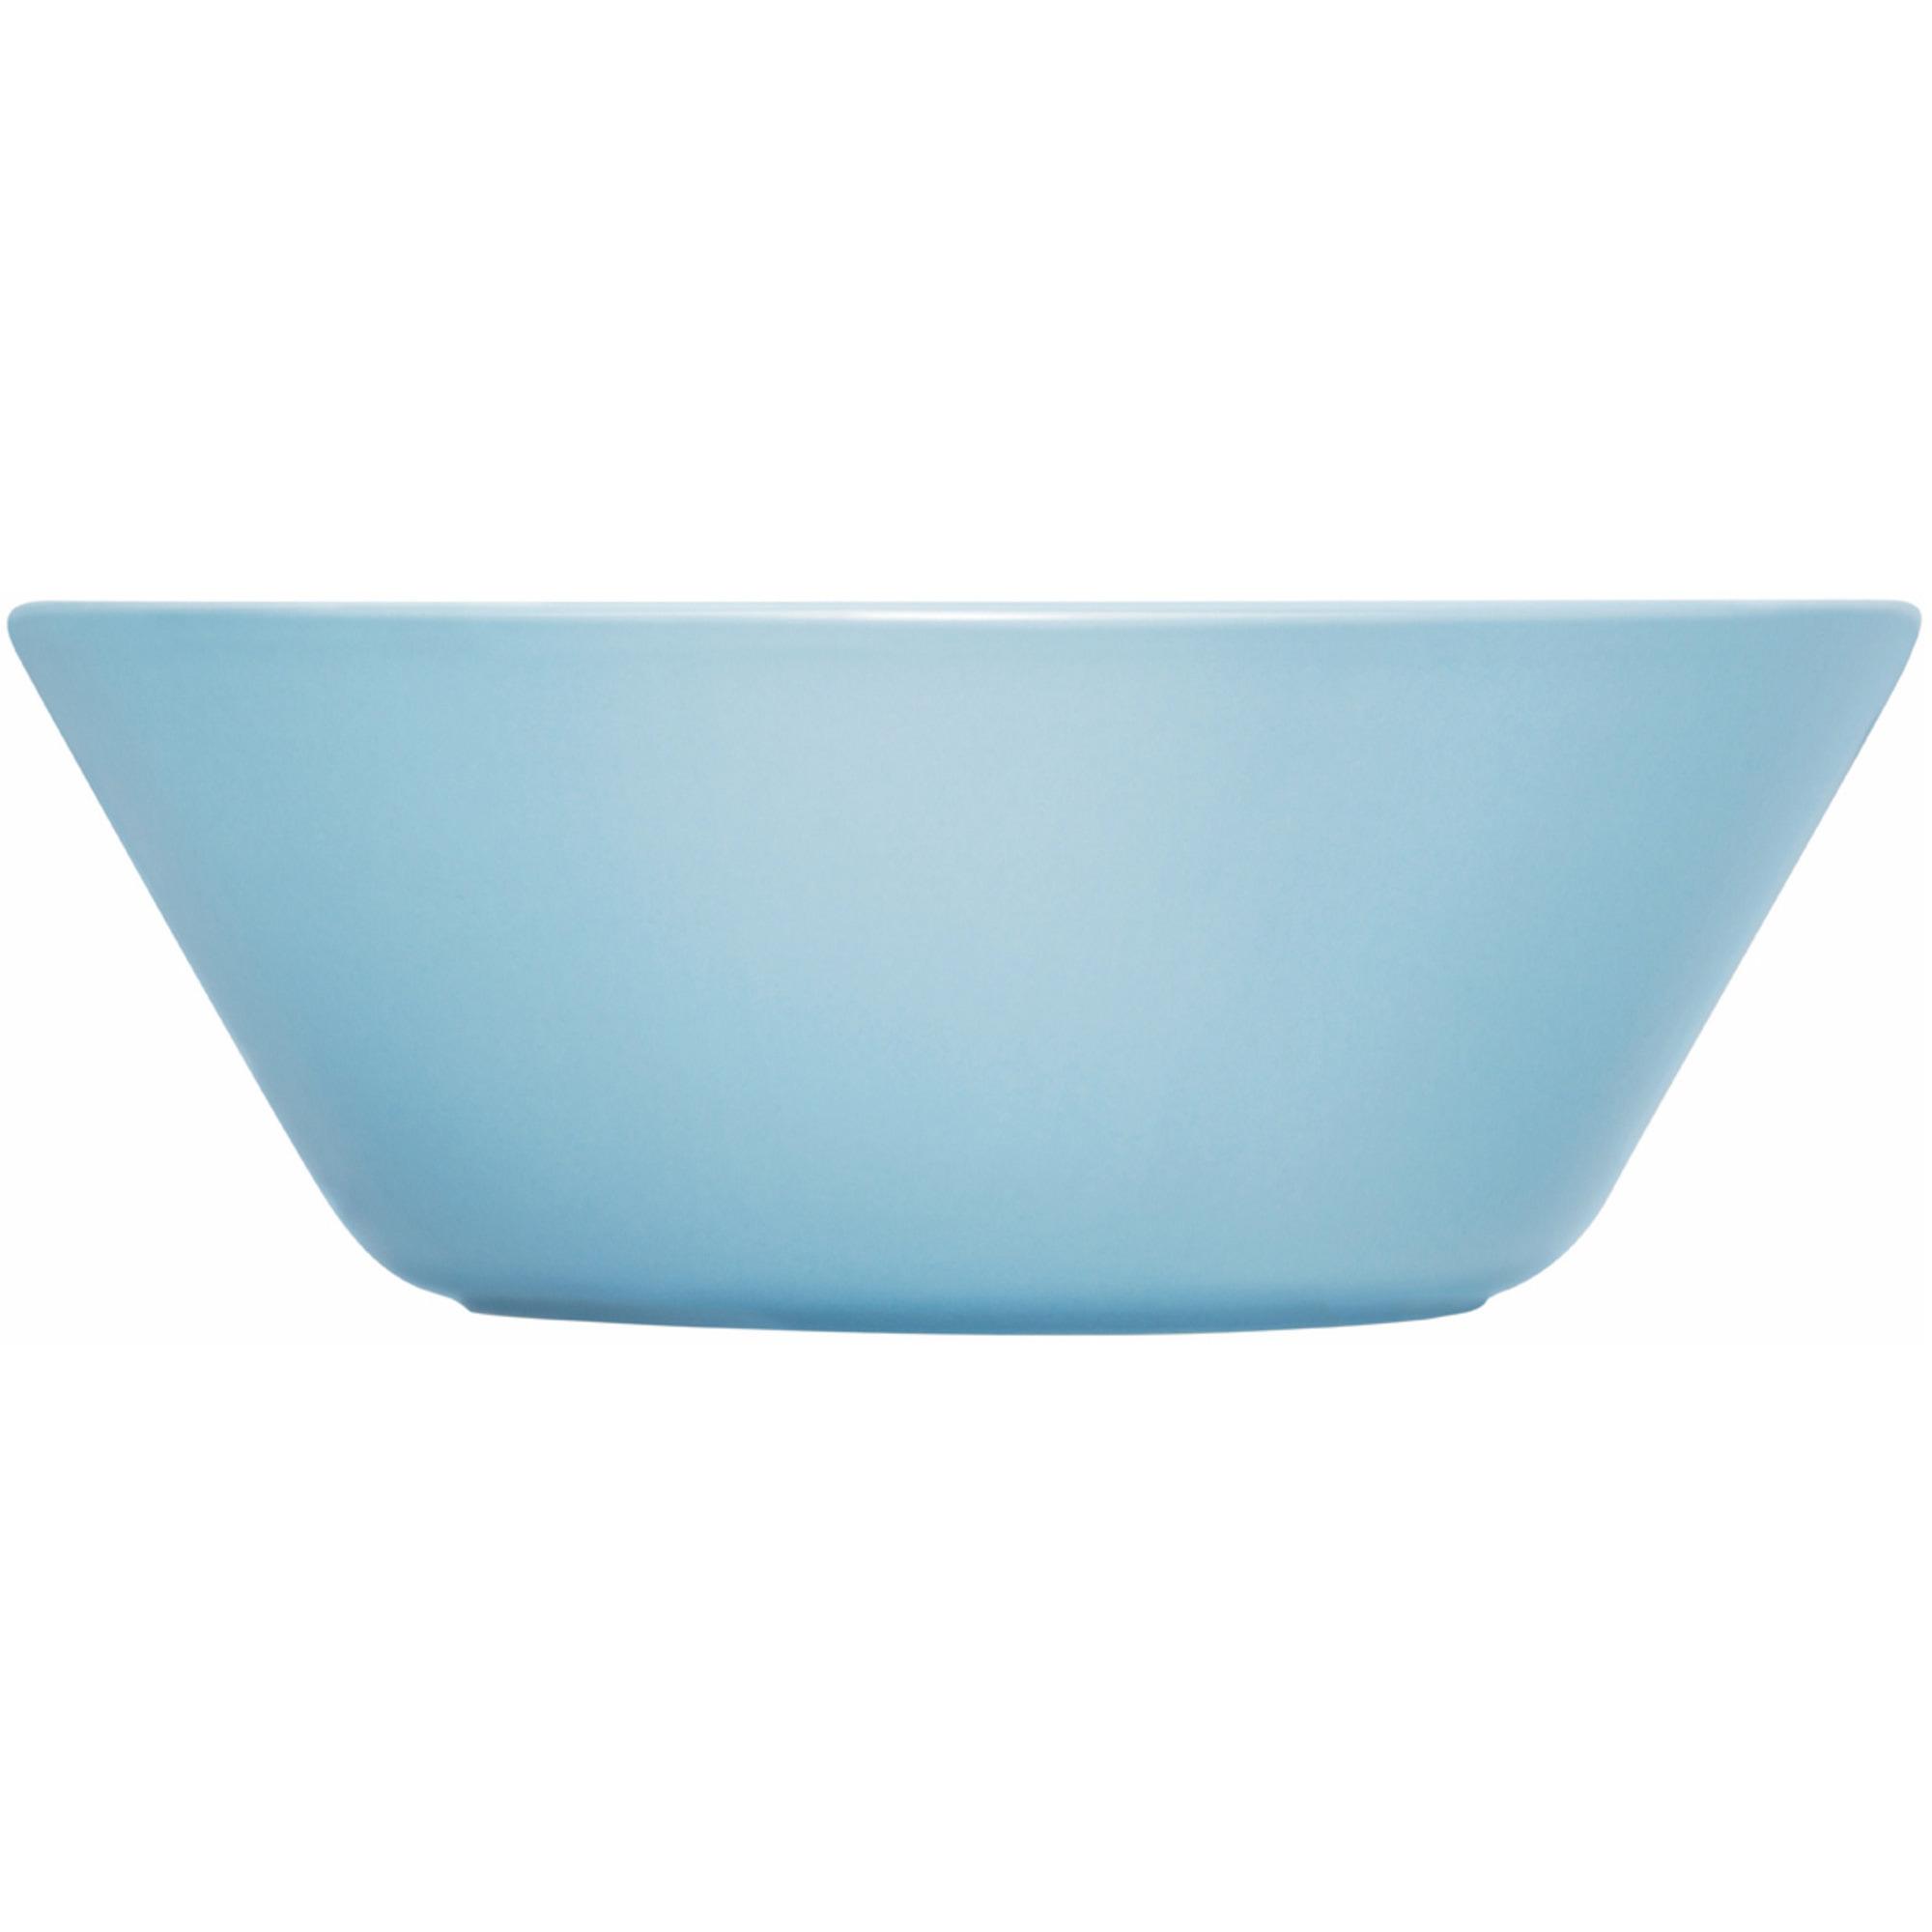 Iittala Teema skål 15 cm ljusblå